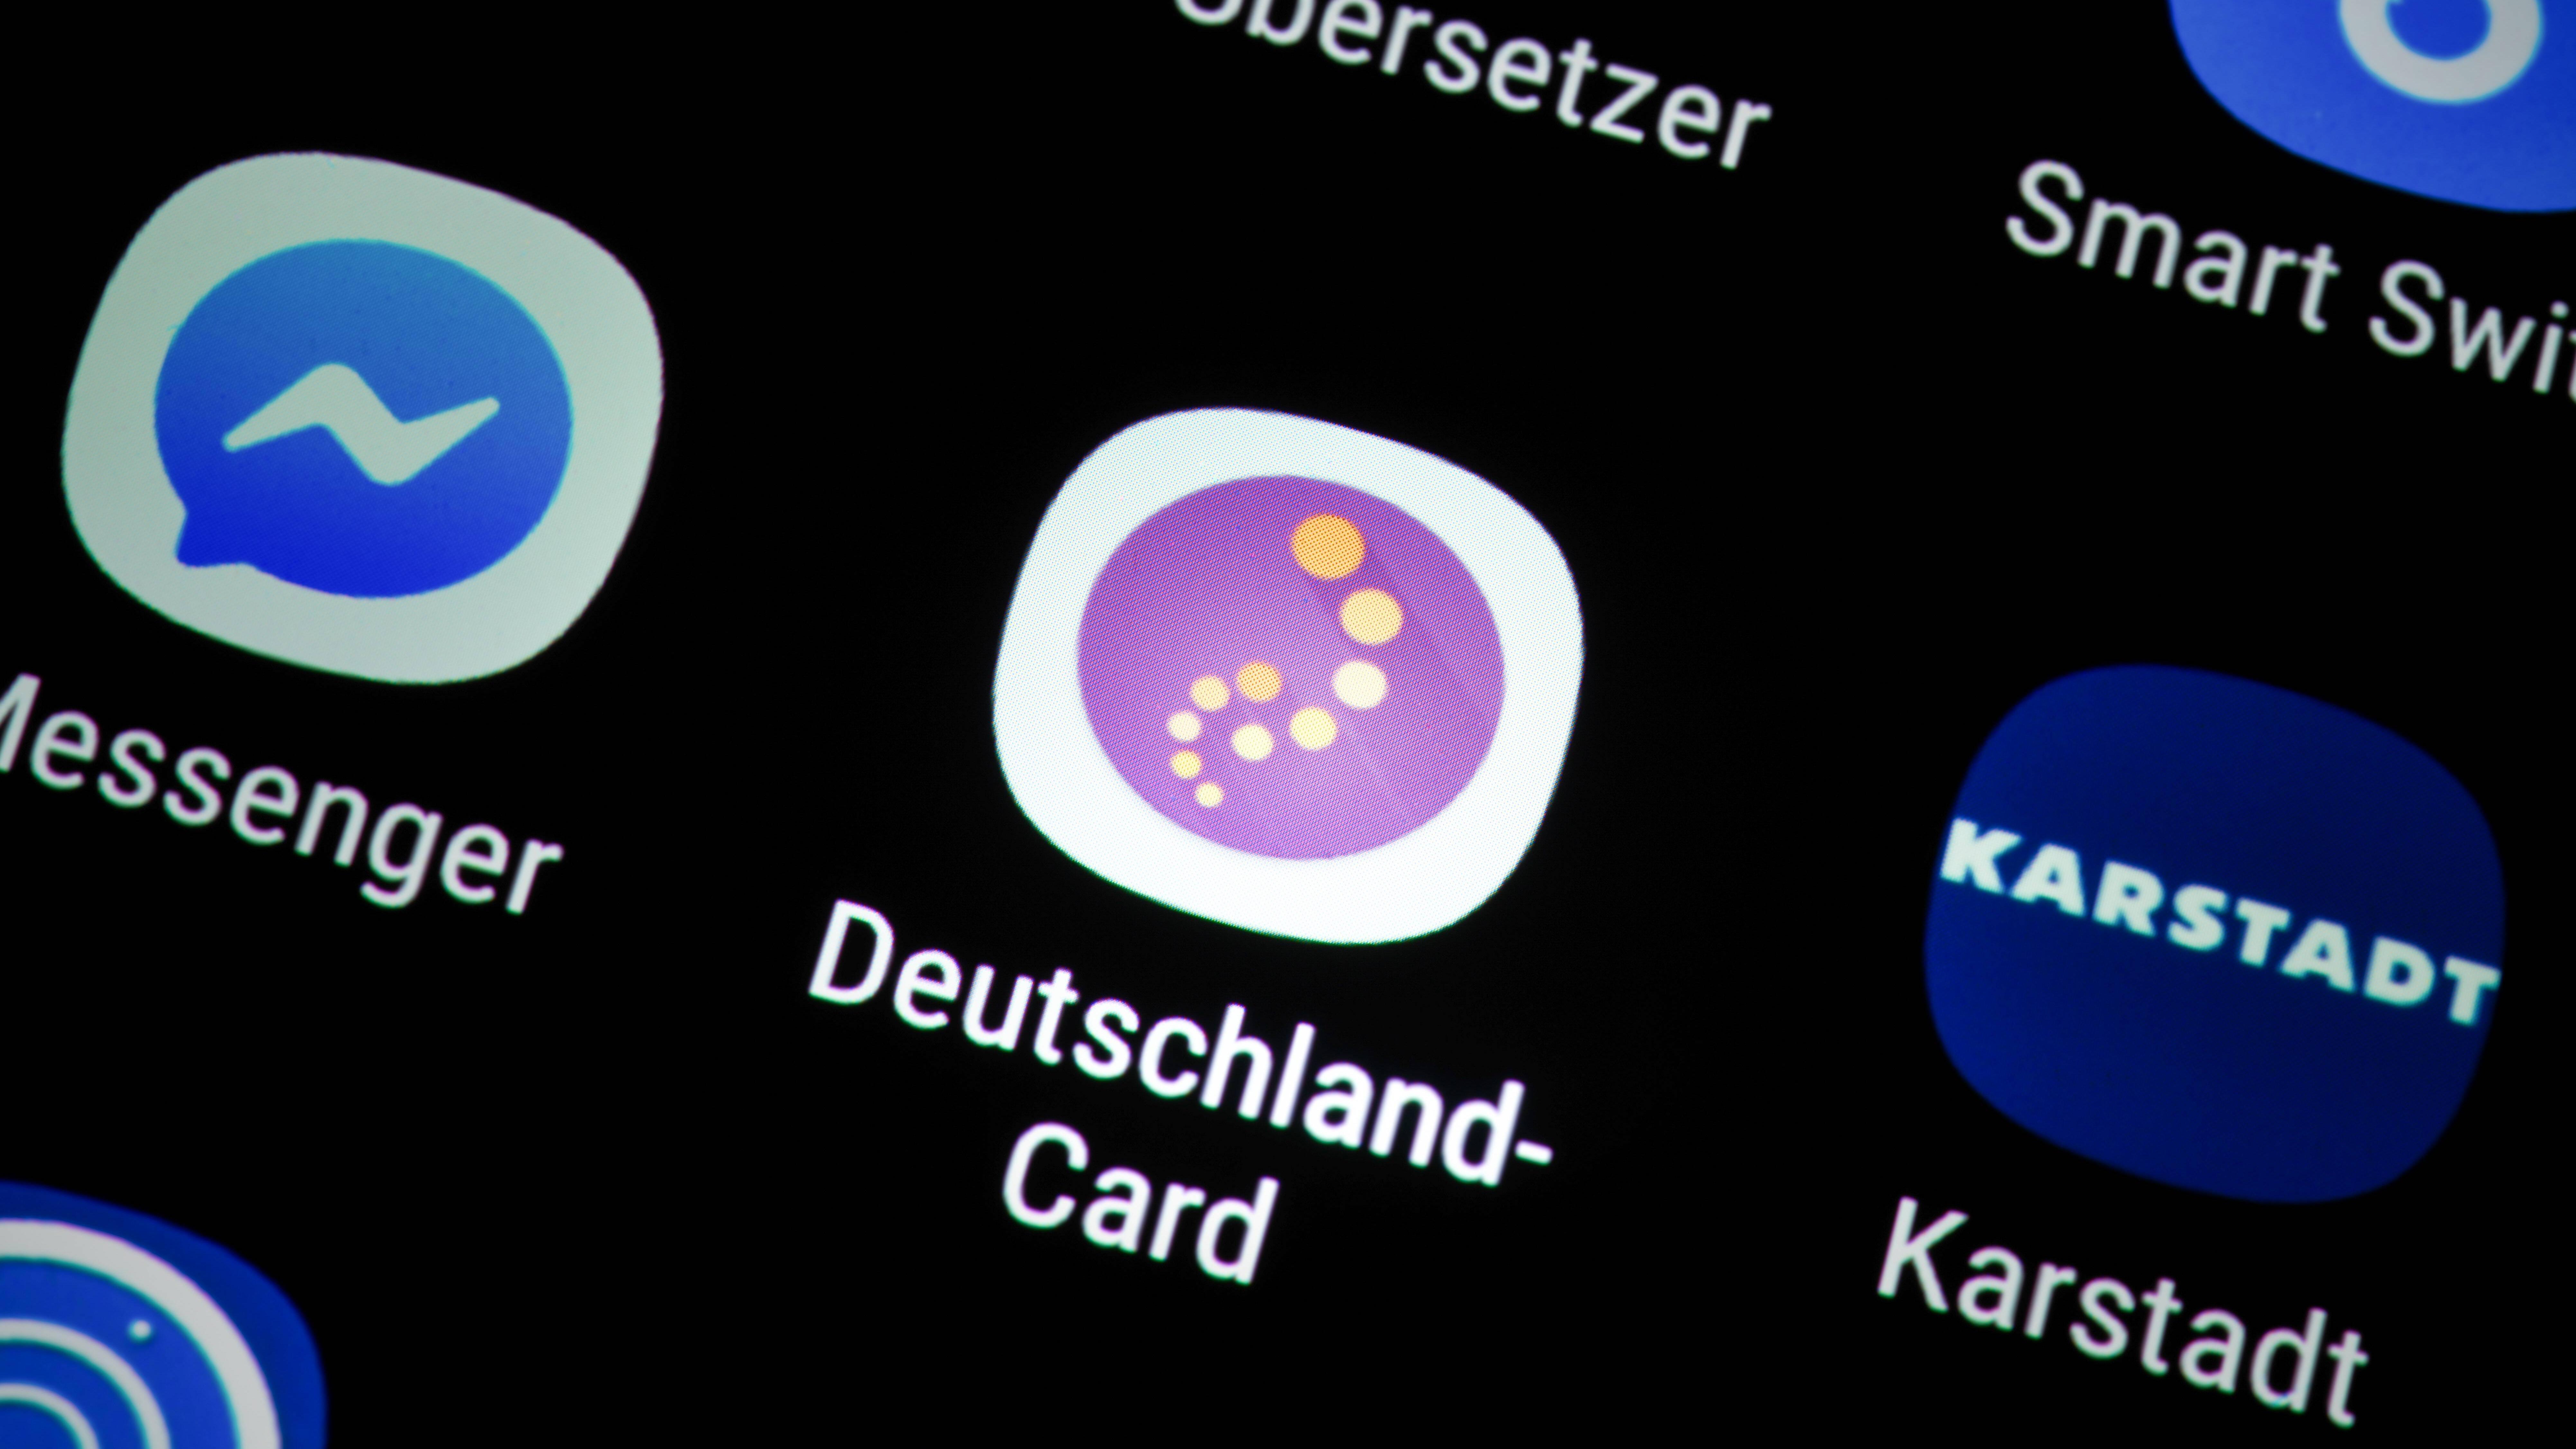 Mit der App der DeutschlandCard haben Sie alle Partner im Überblick.